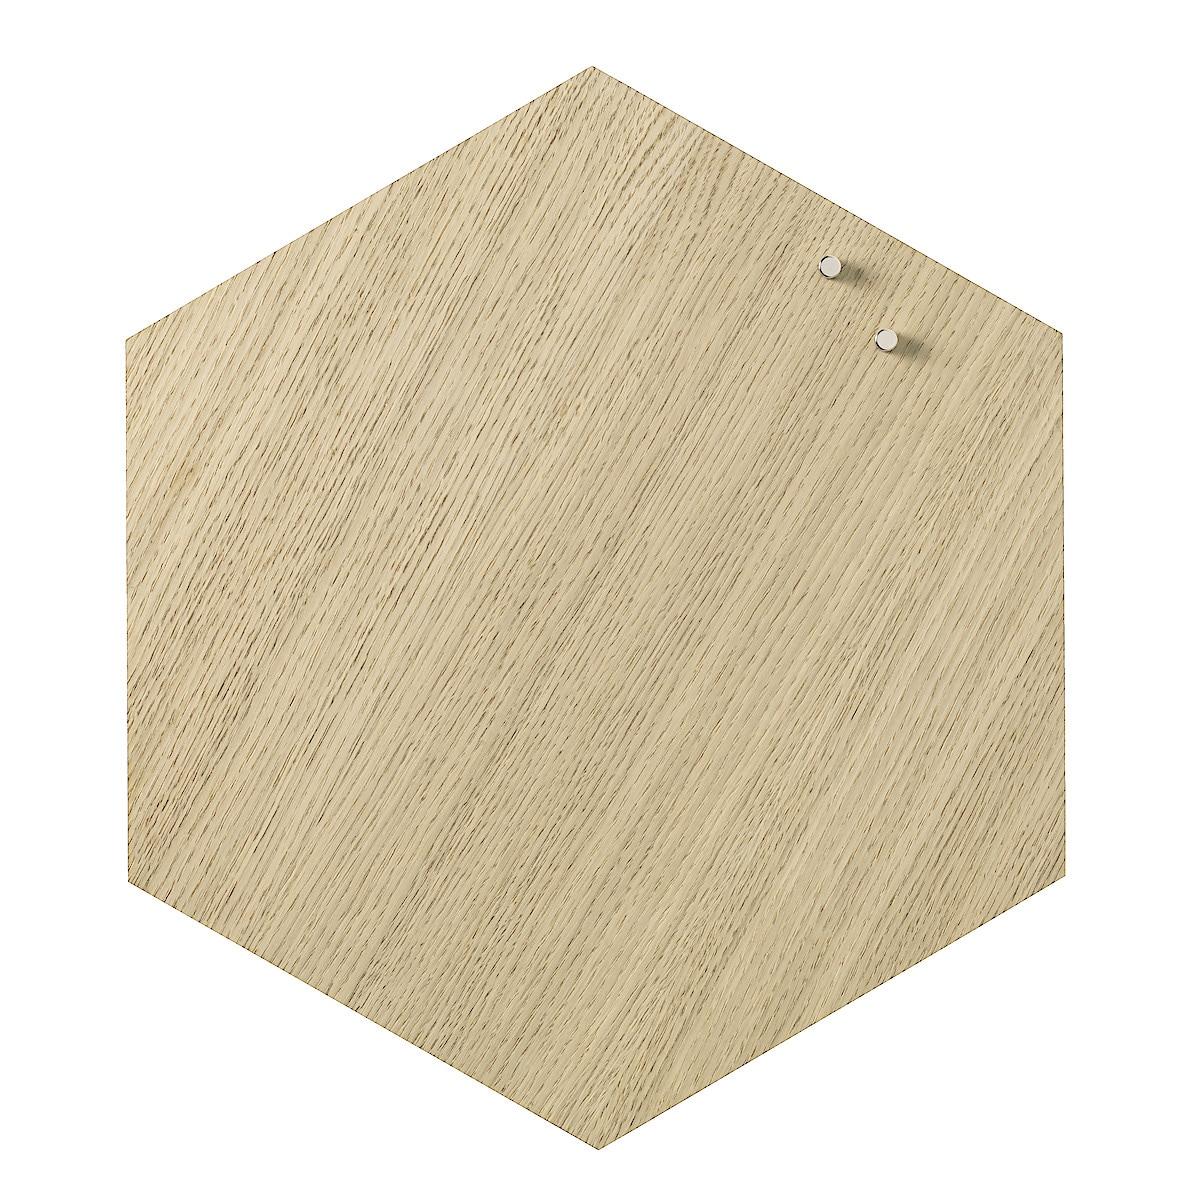 Magnetisk tavla Naga Hexagonal Ek 42 cm